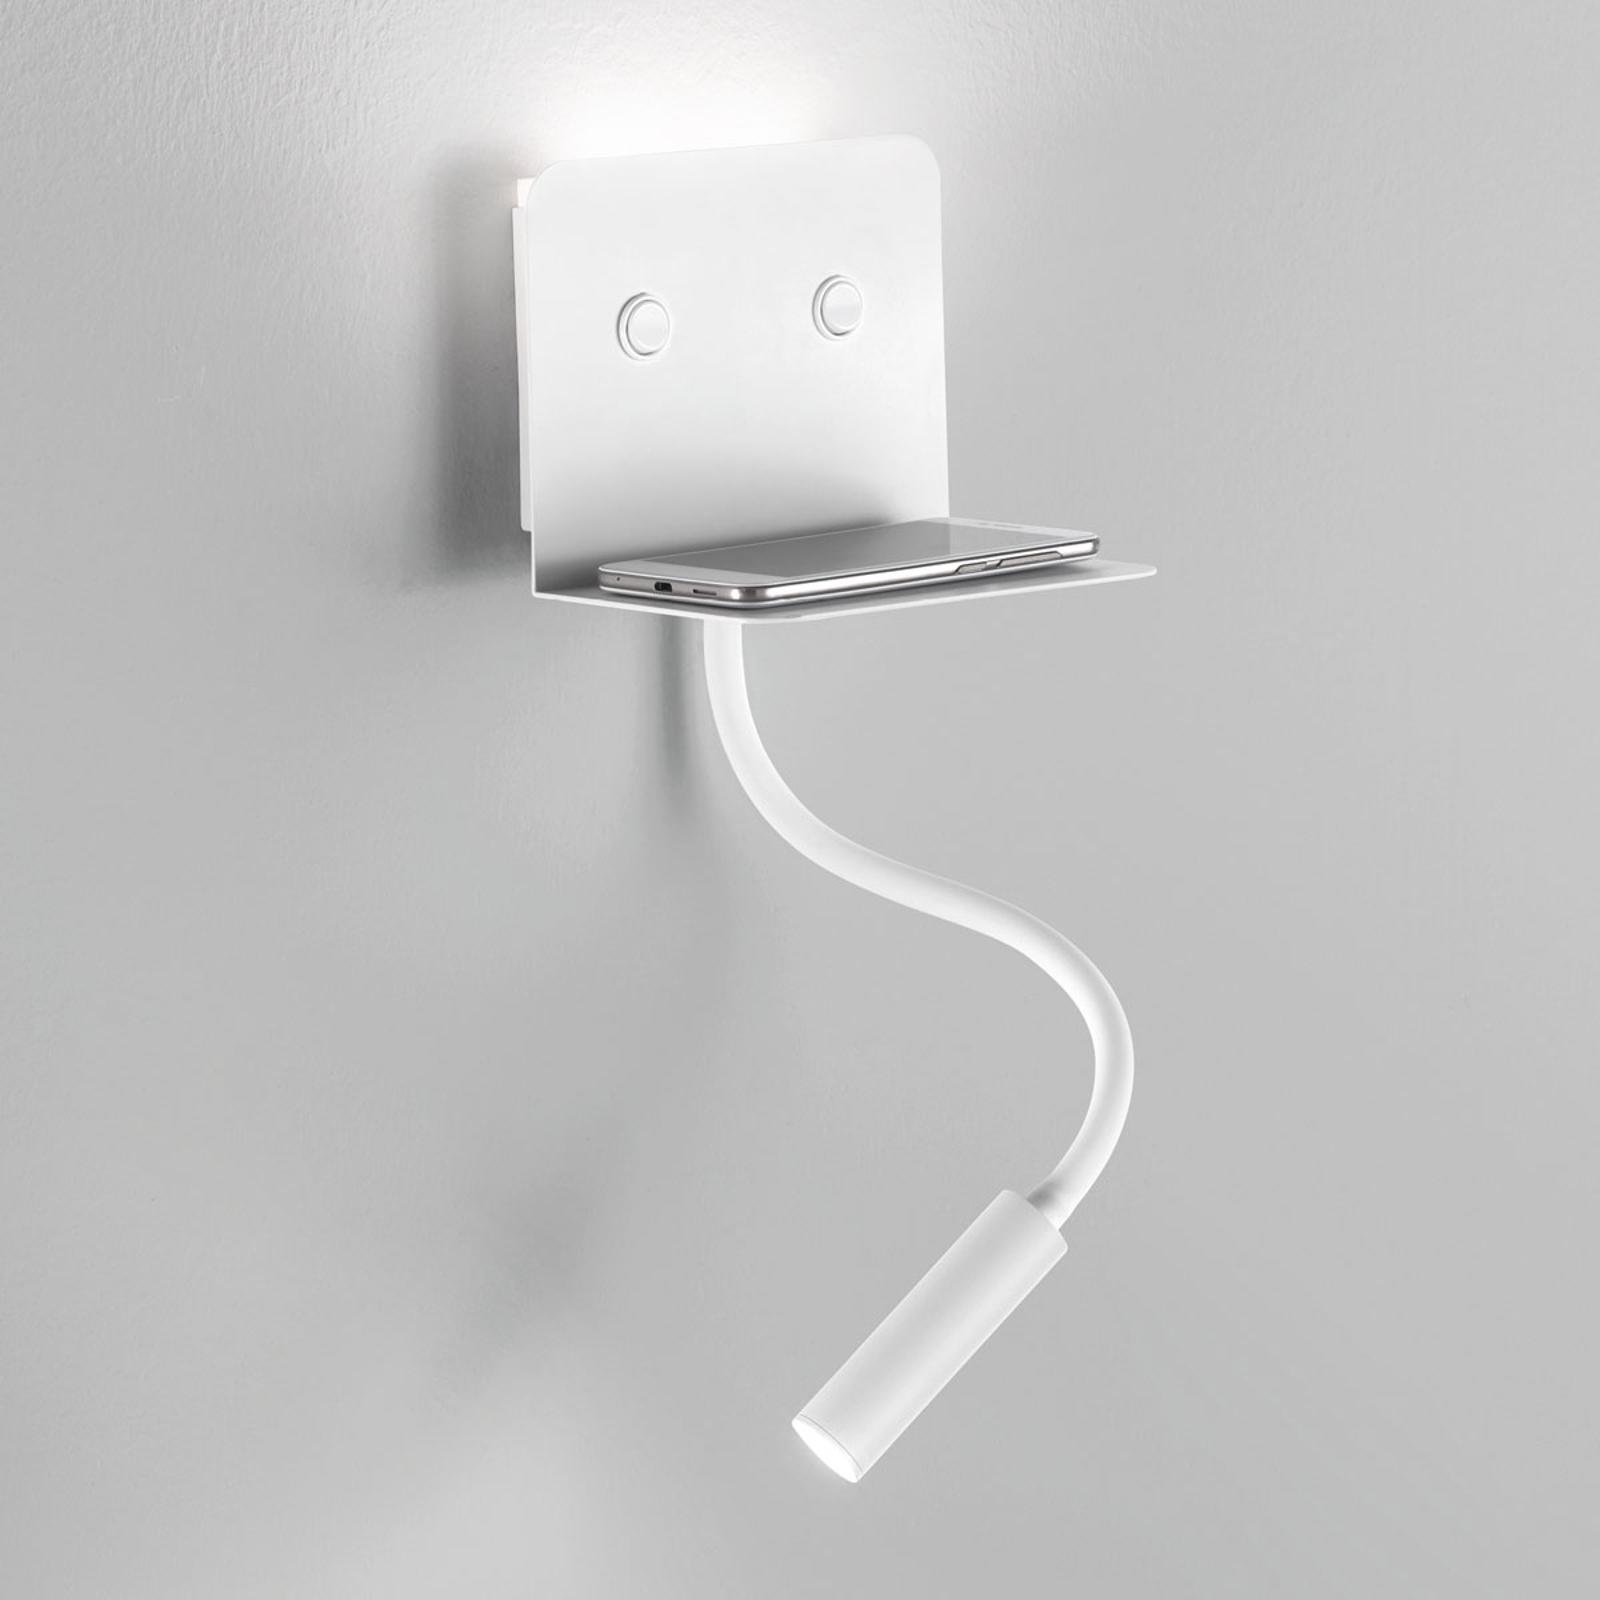 Applique LED Level avec rangement et liseuse